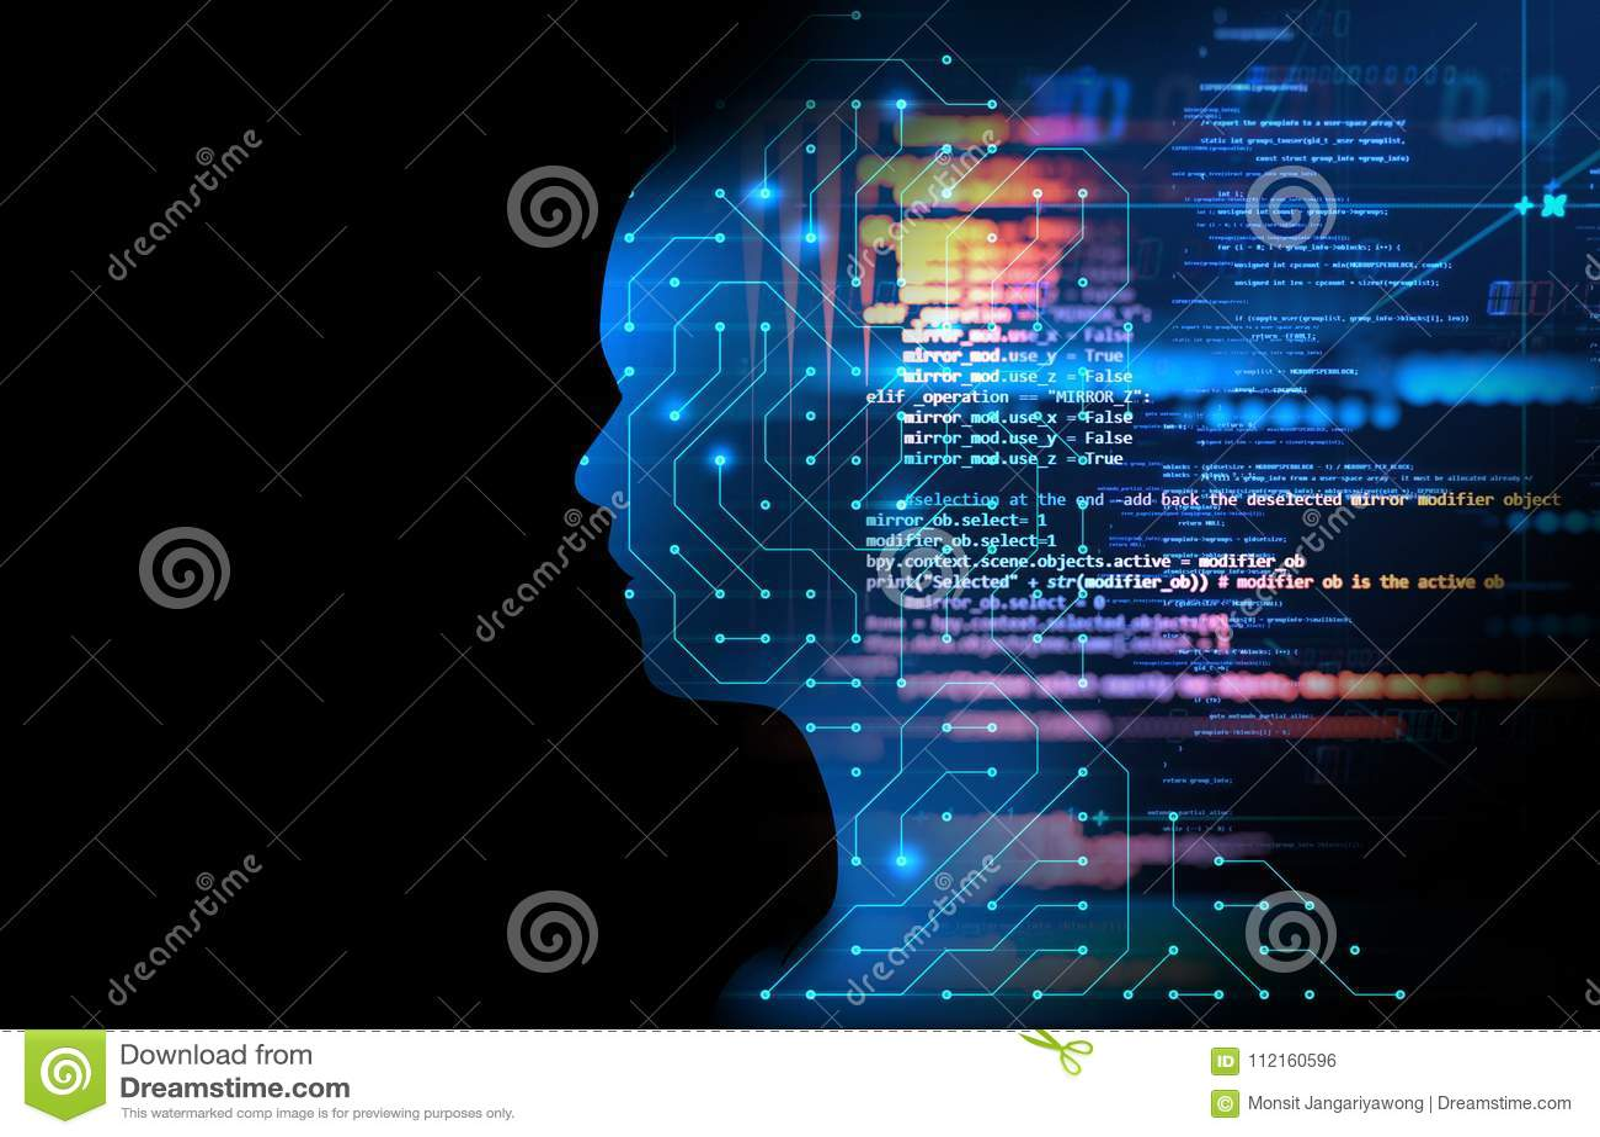 Circuito Virtual : El símbolo virtual de la moneda de bitcoin aparece desde el